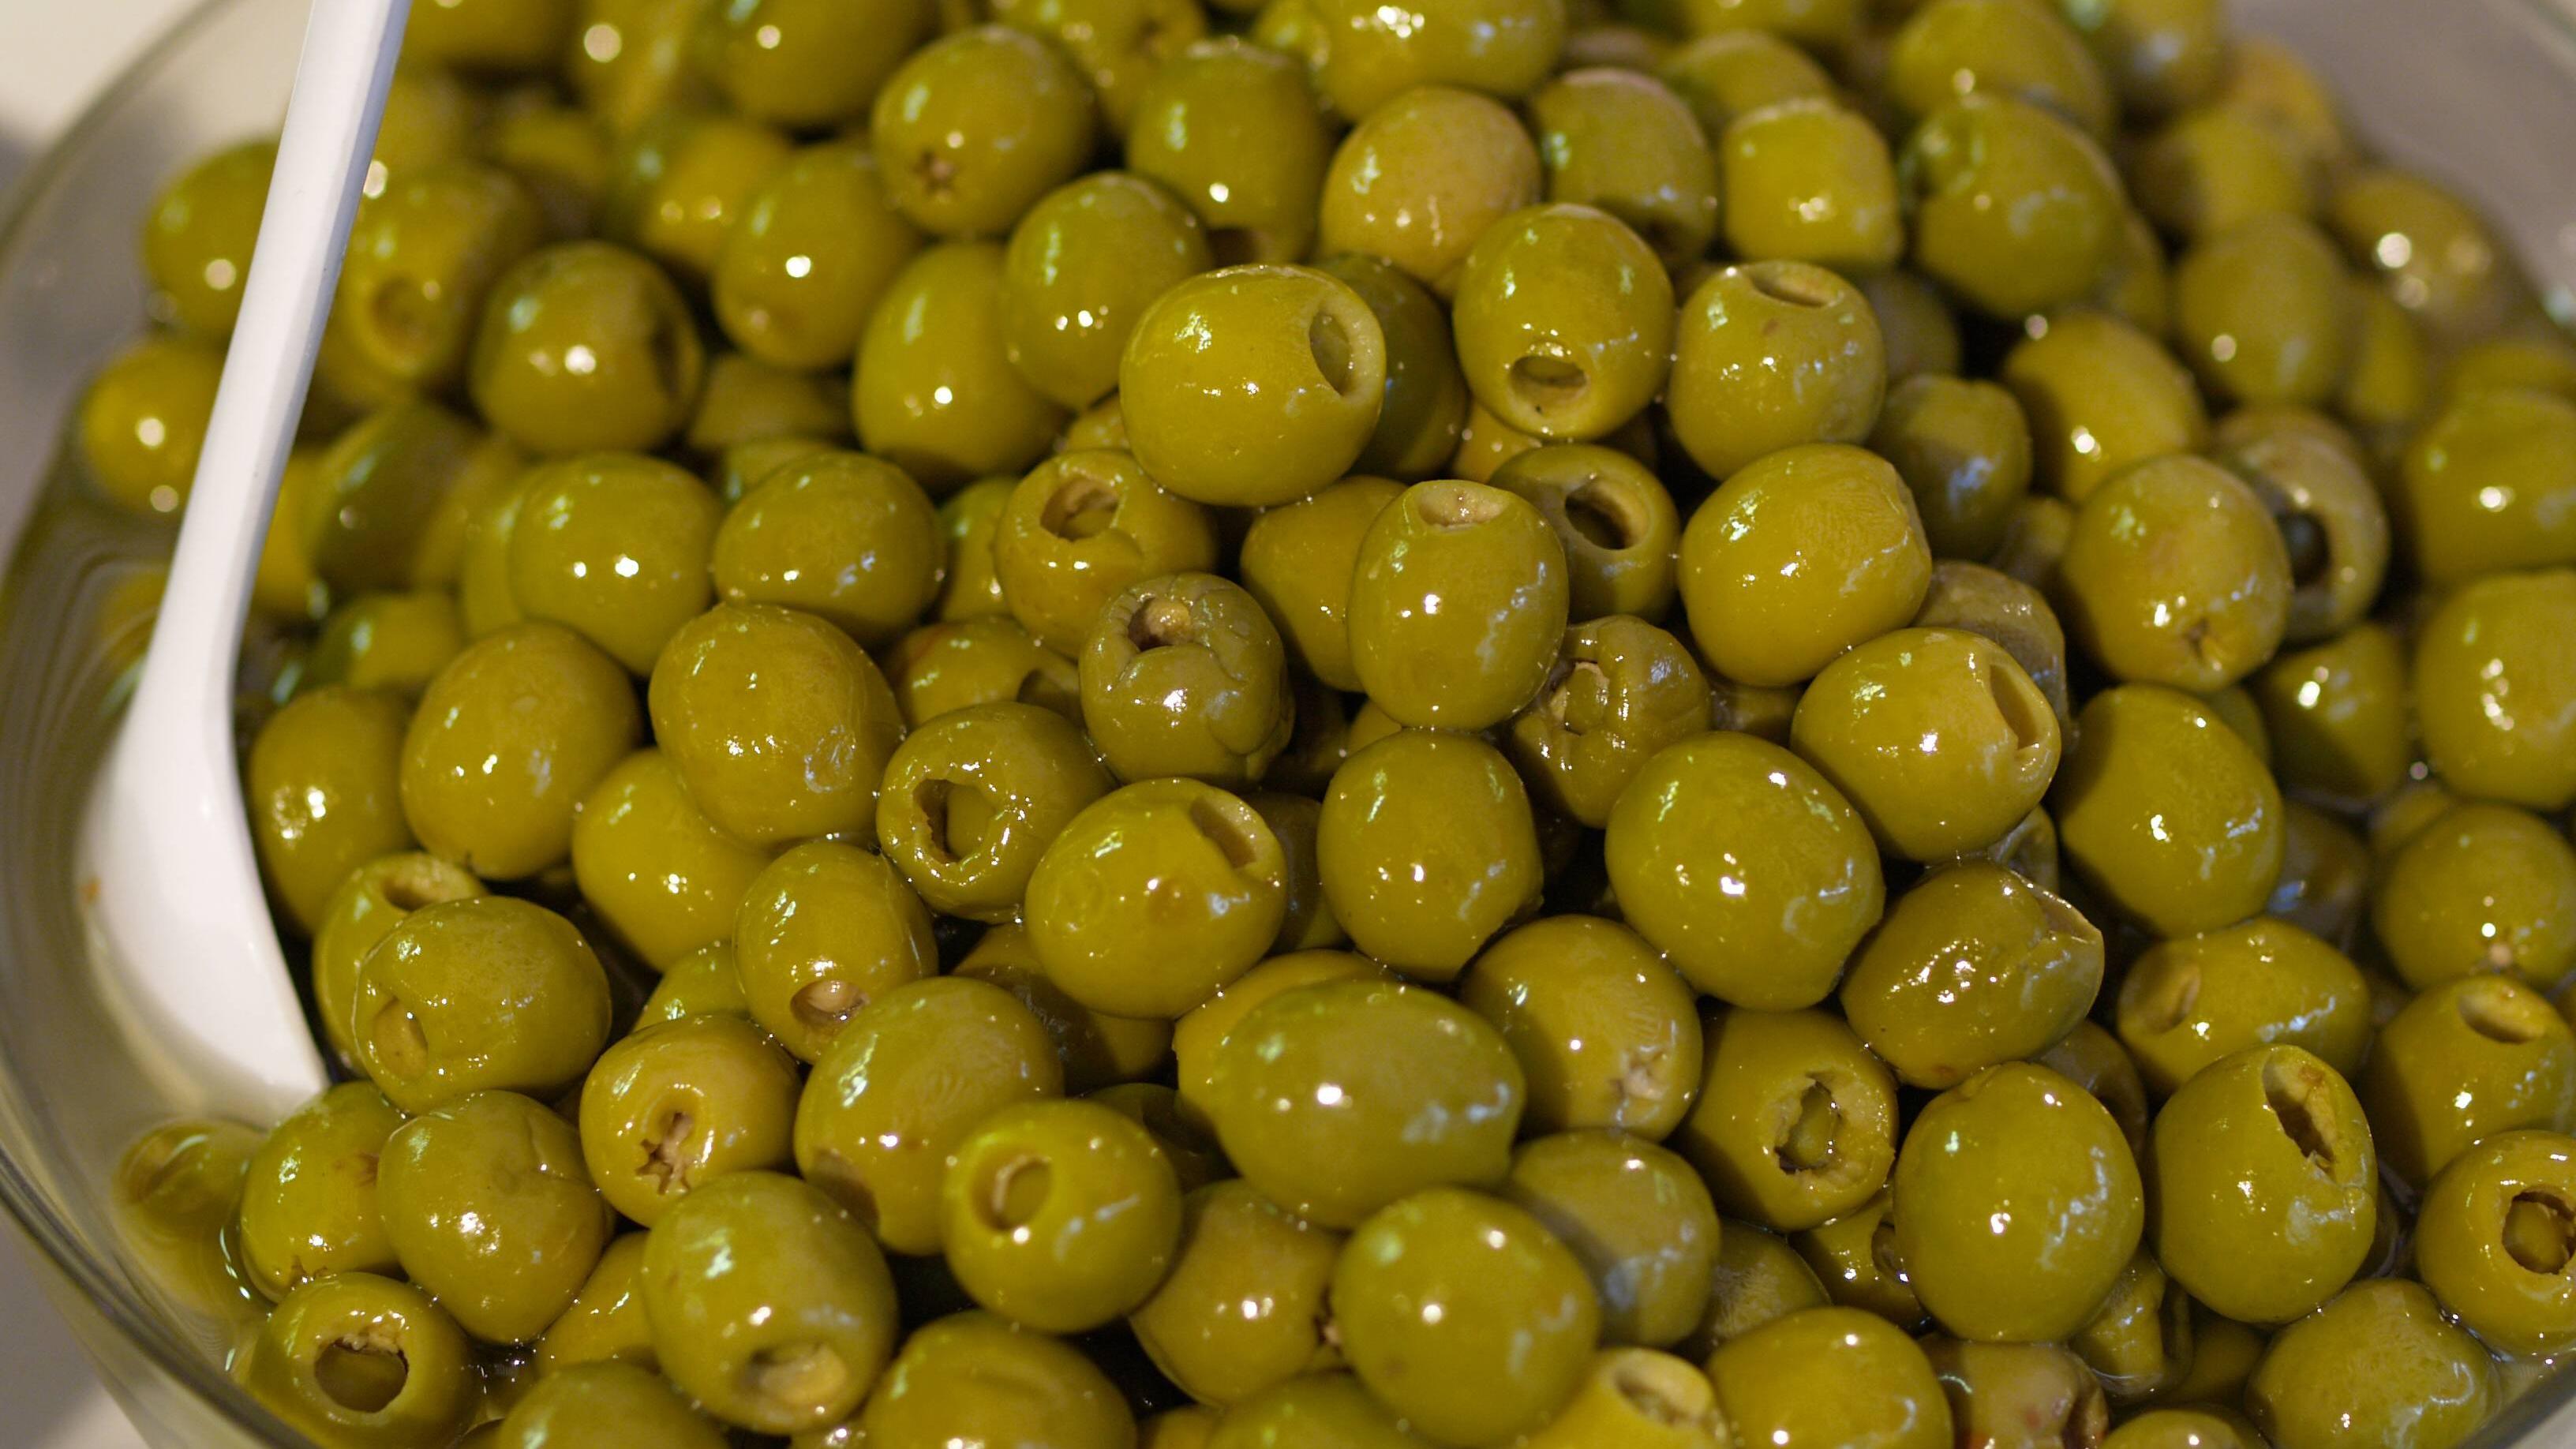 Oliven müssen Sie erst entbittern, bevor Sie diese einlegen.